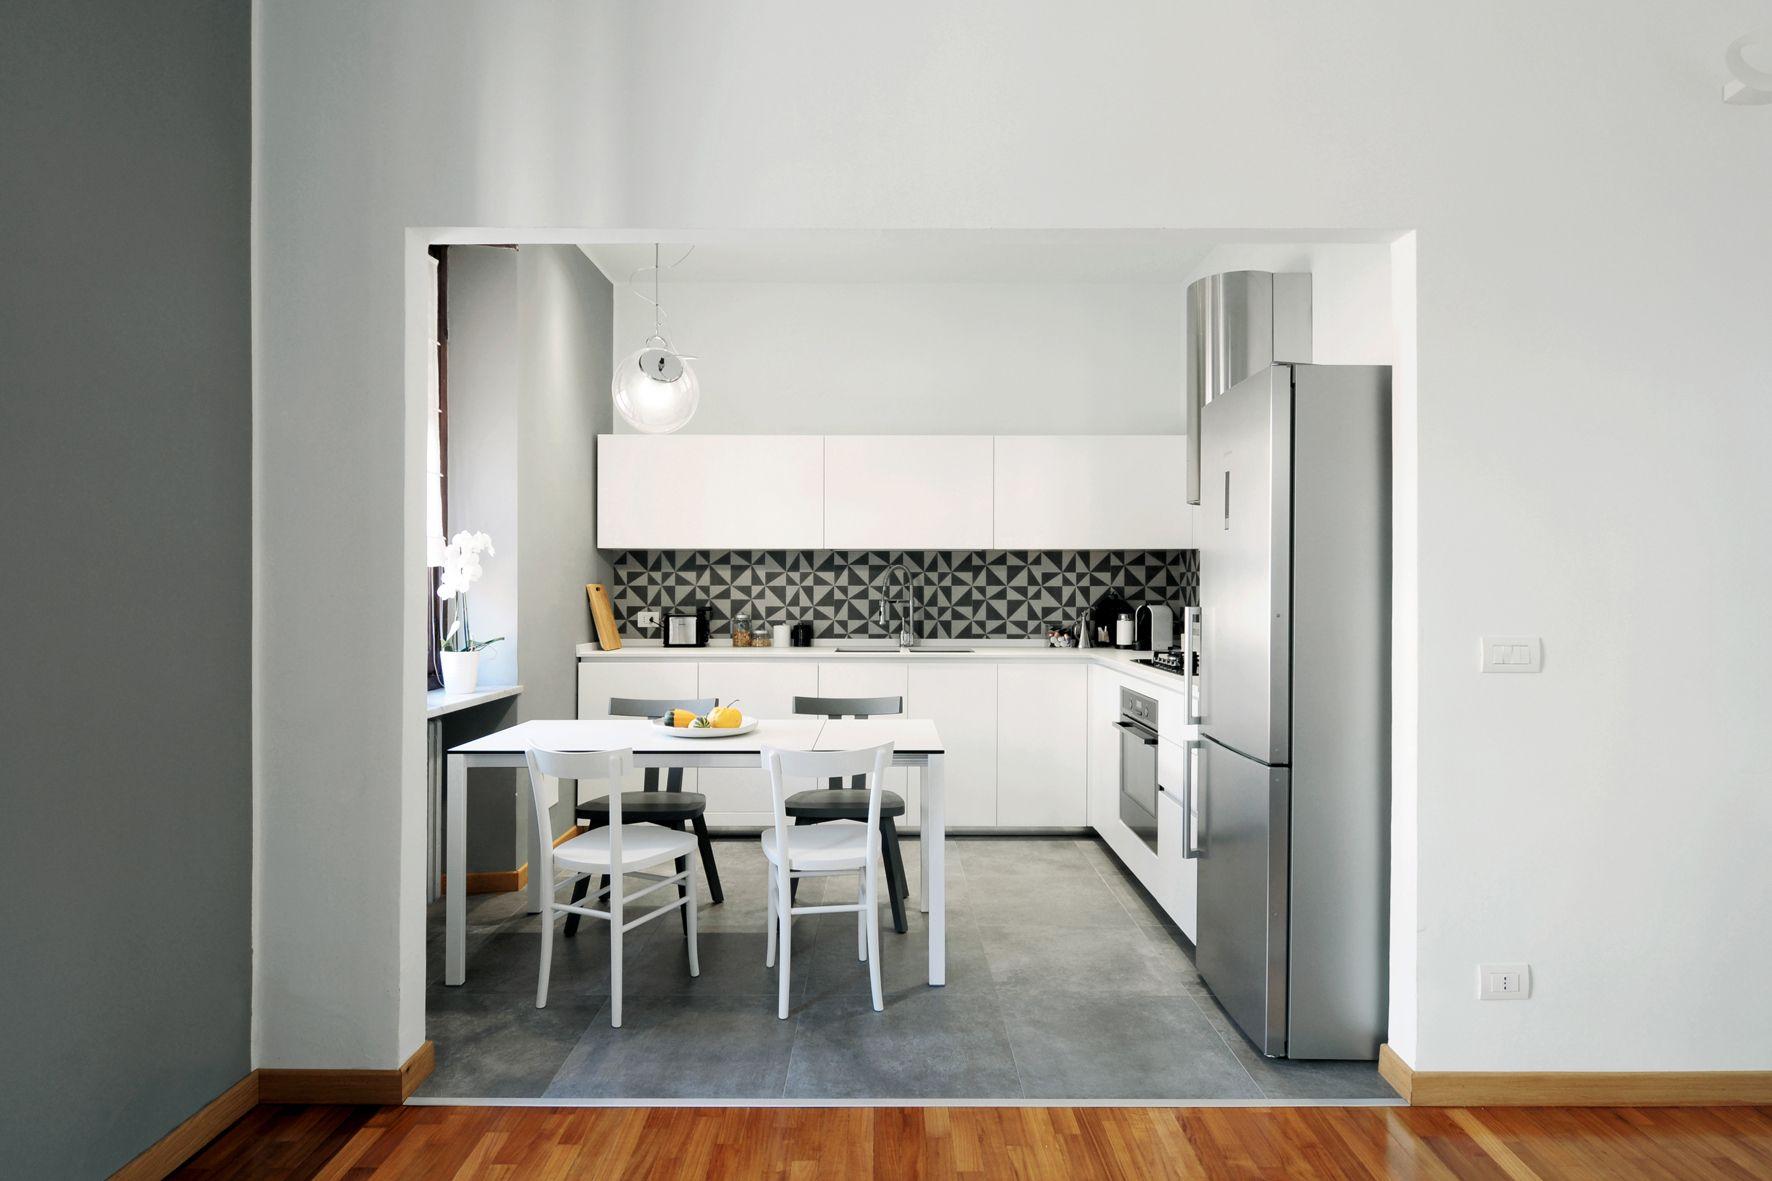 Kristalia Sedie ~ Cucina #rossana modello hd23 tavolo allungabile easy #kristalia